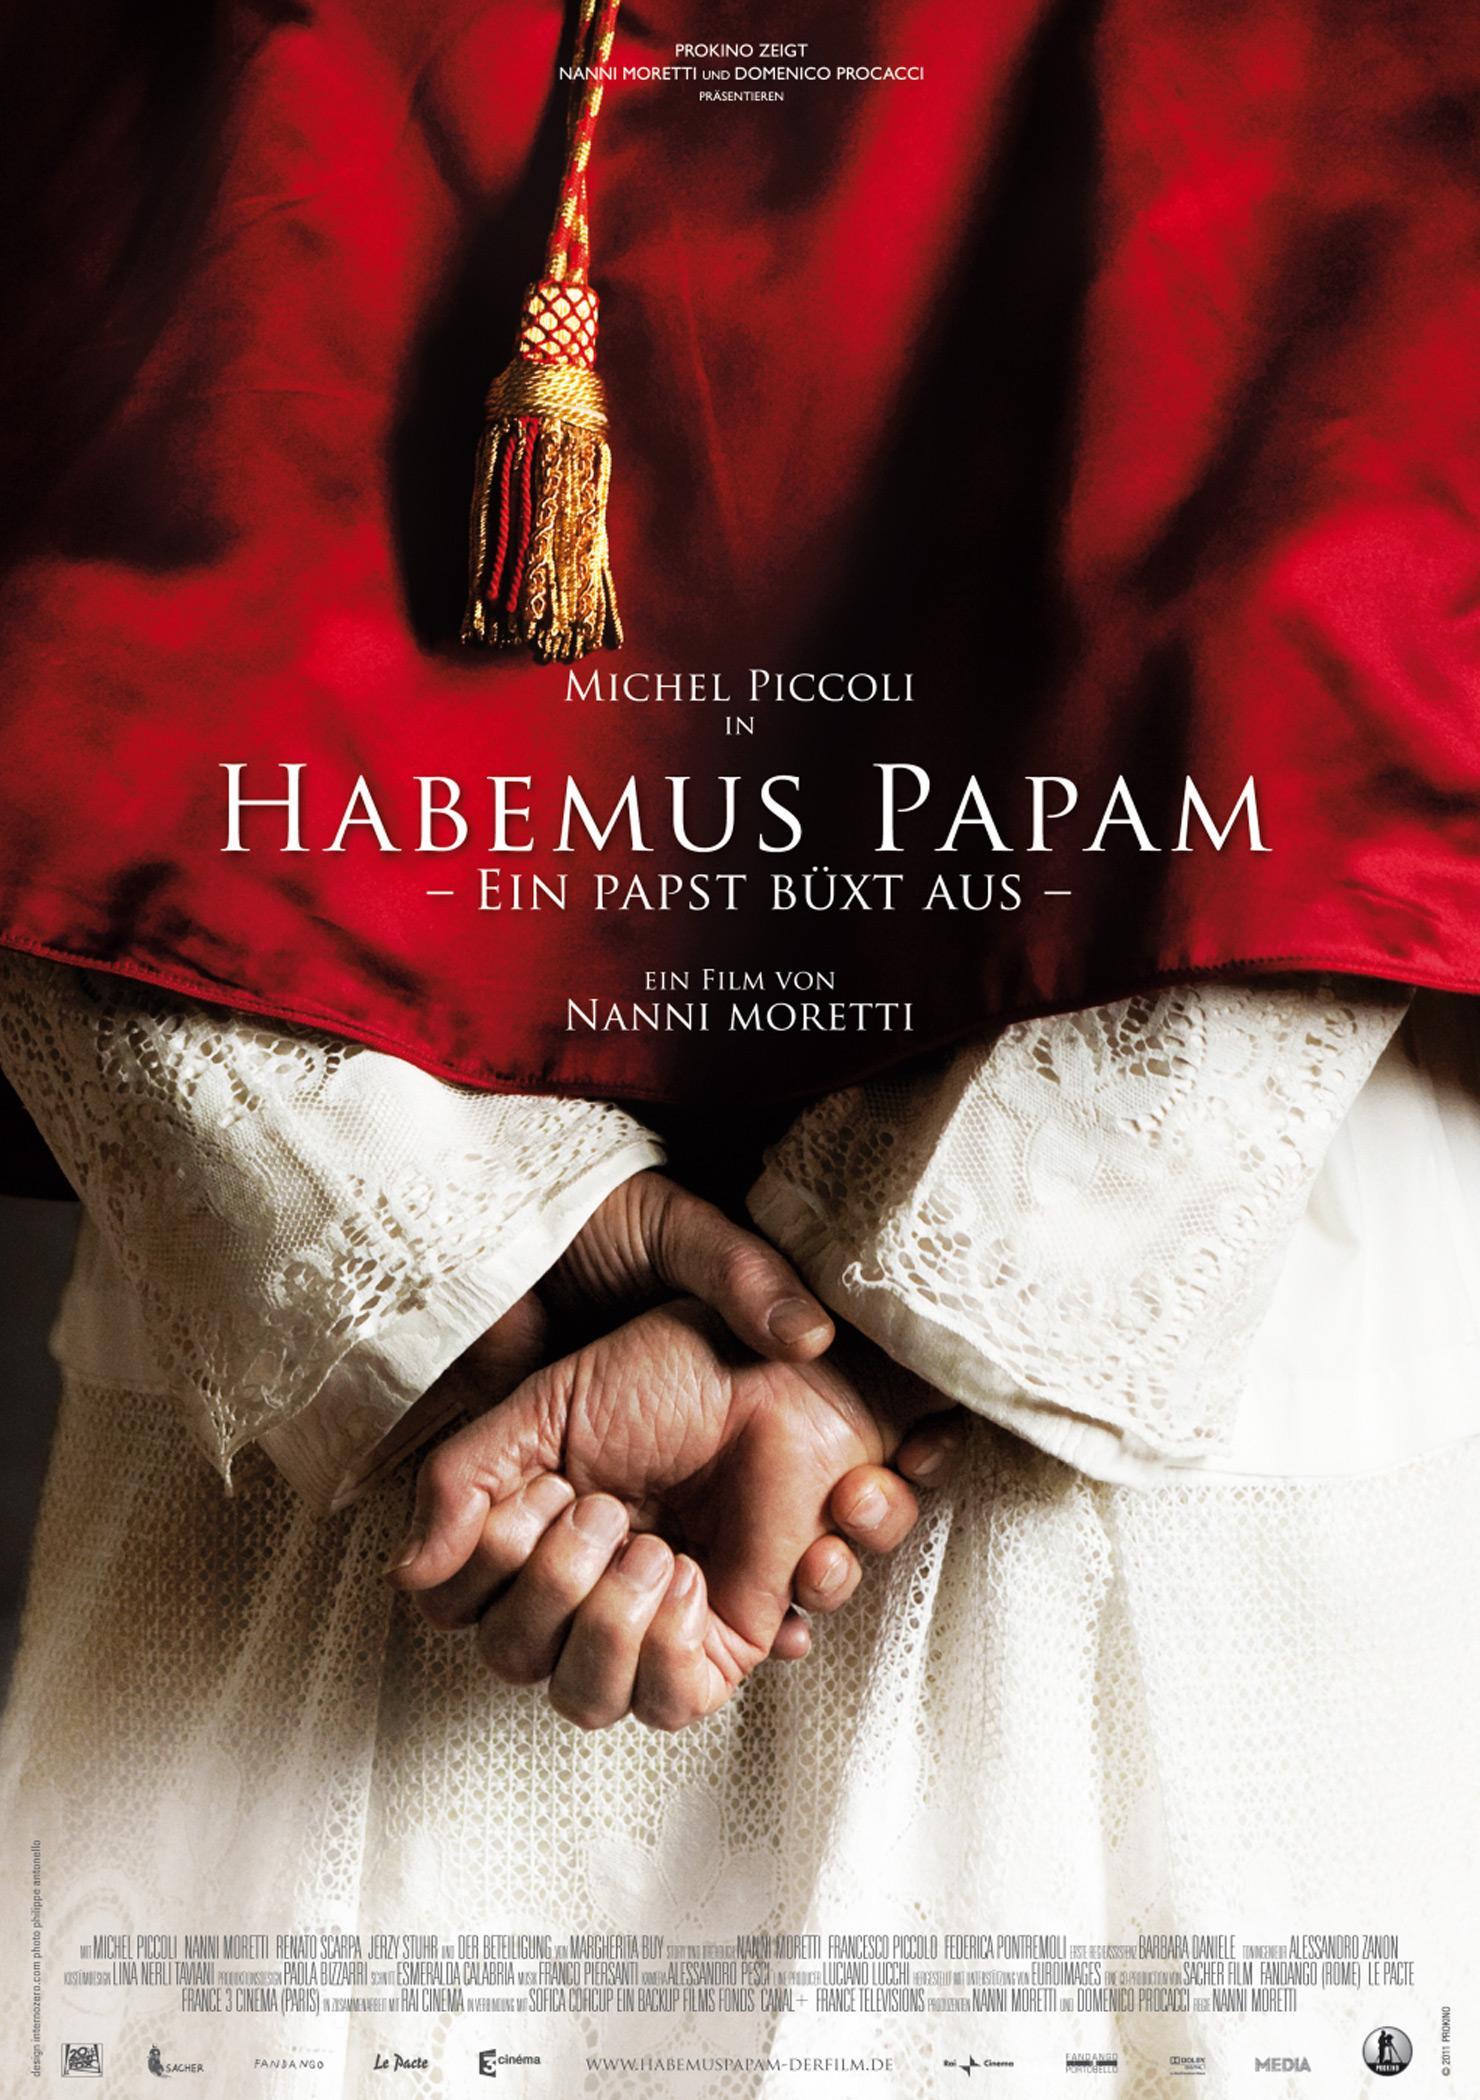 Habemus Papam - Ein Papst büxt aus (Poster)